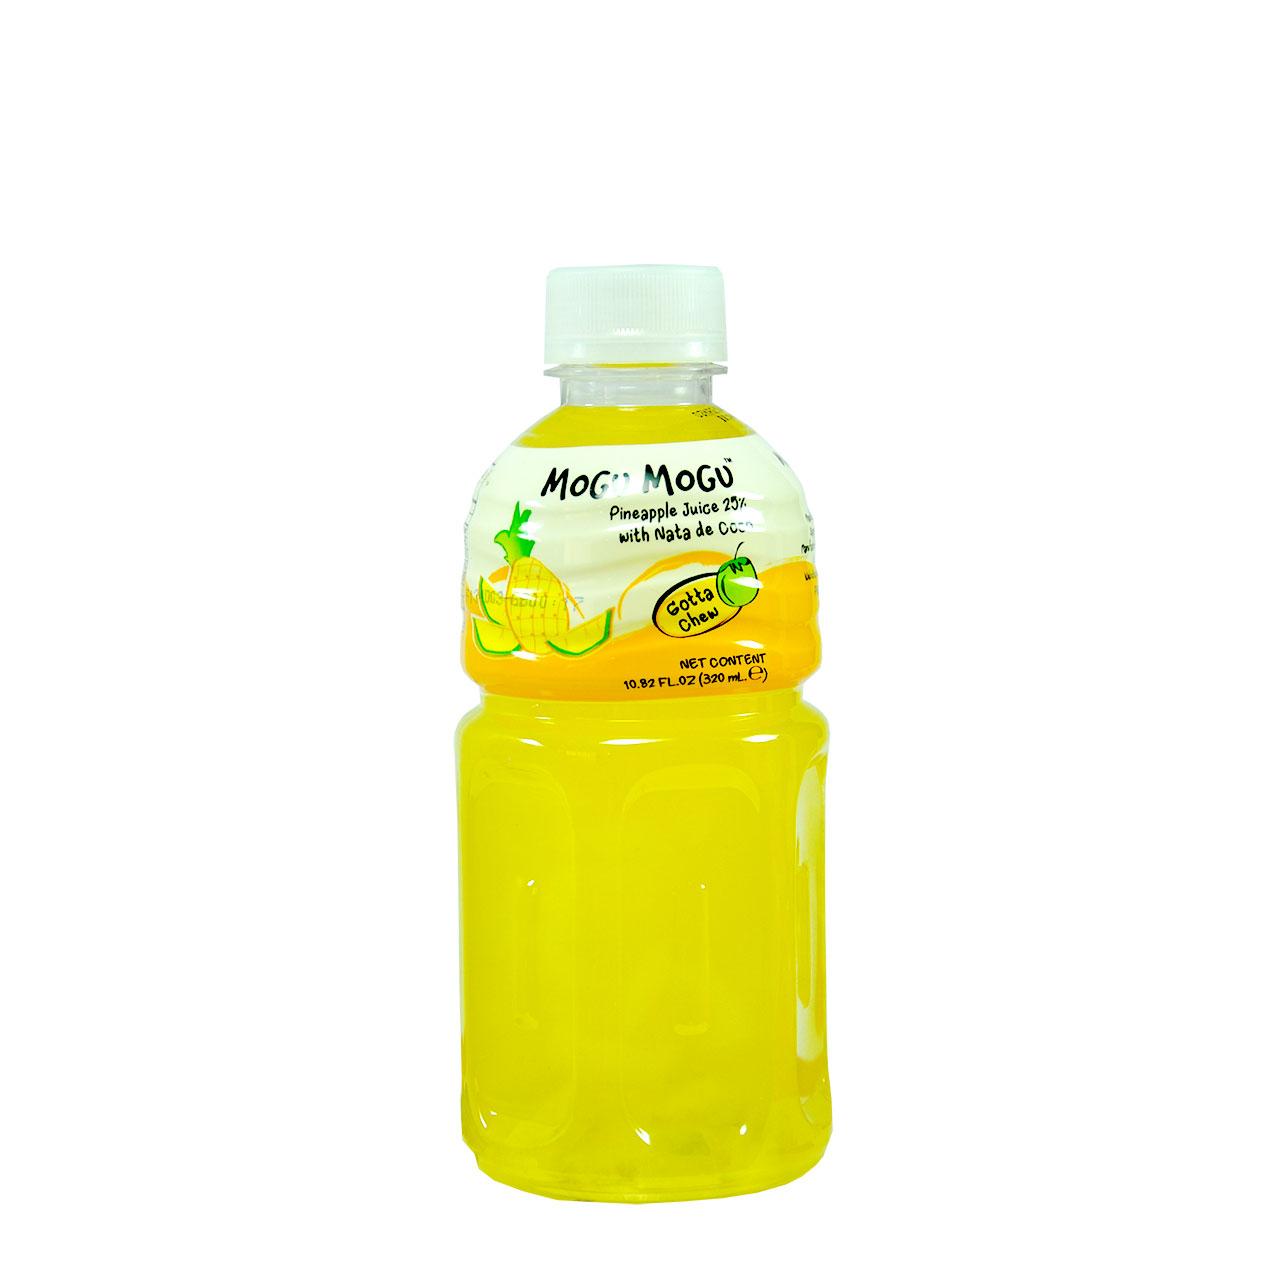 آبمیوه آناناس موگو موگو – mogu mogu